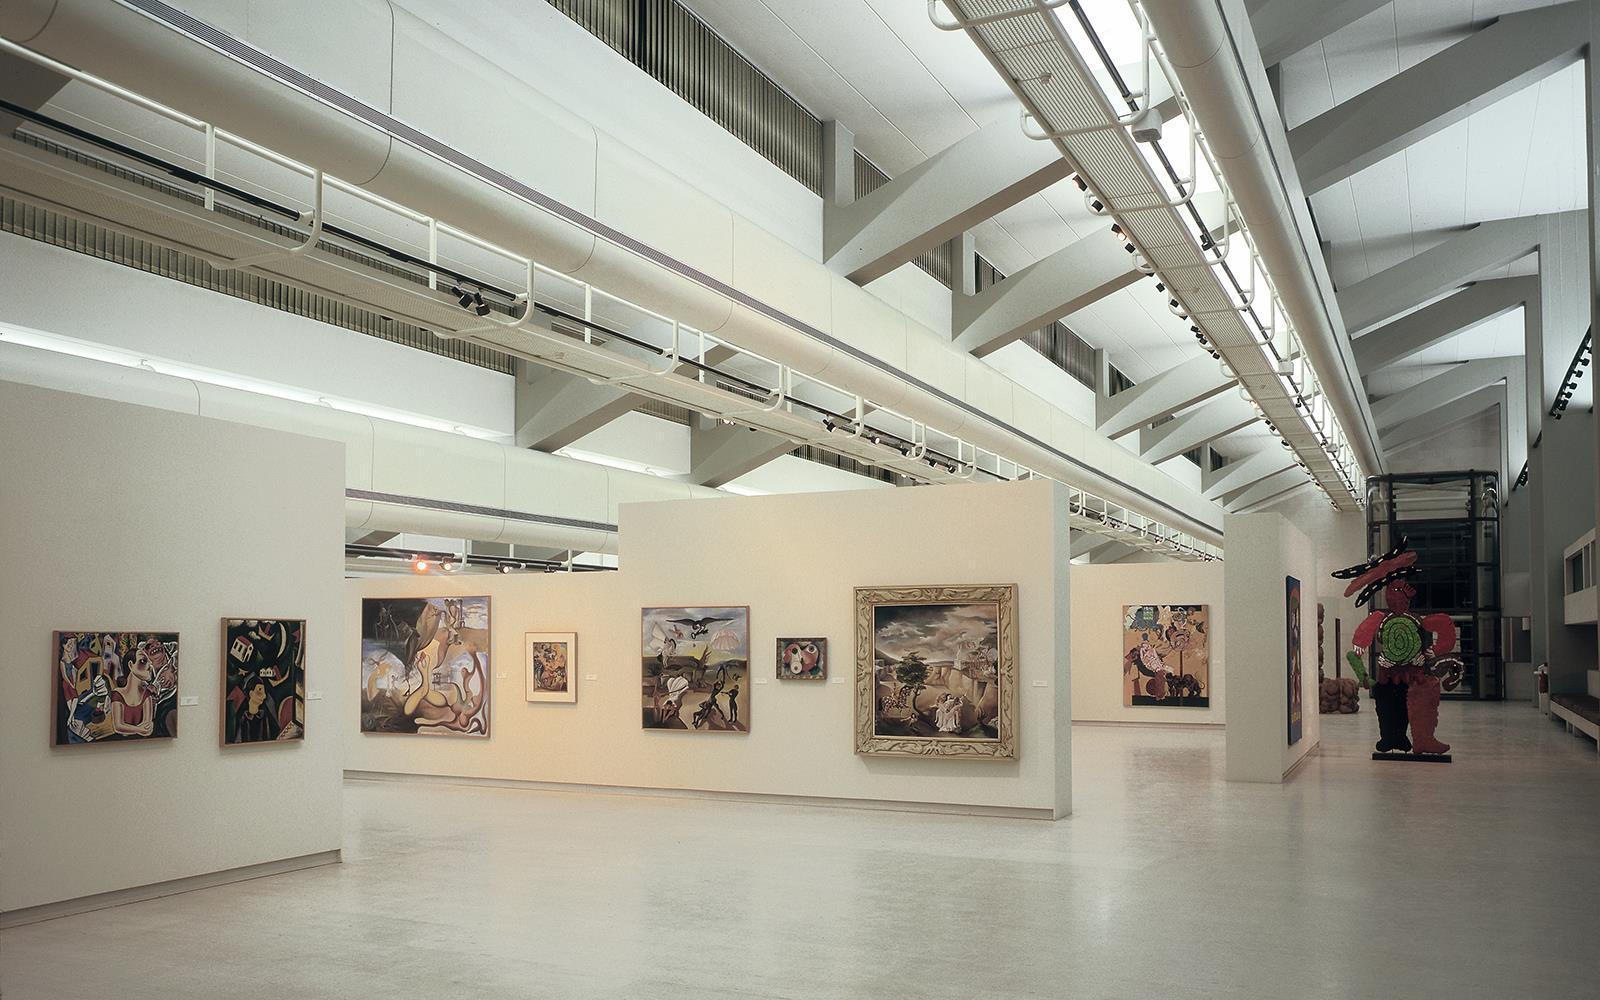 Mostra da Colecção CAM, 1989 – 1990